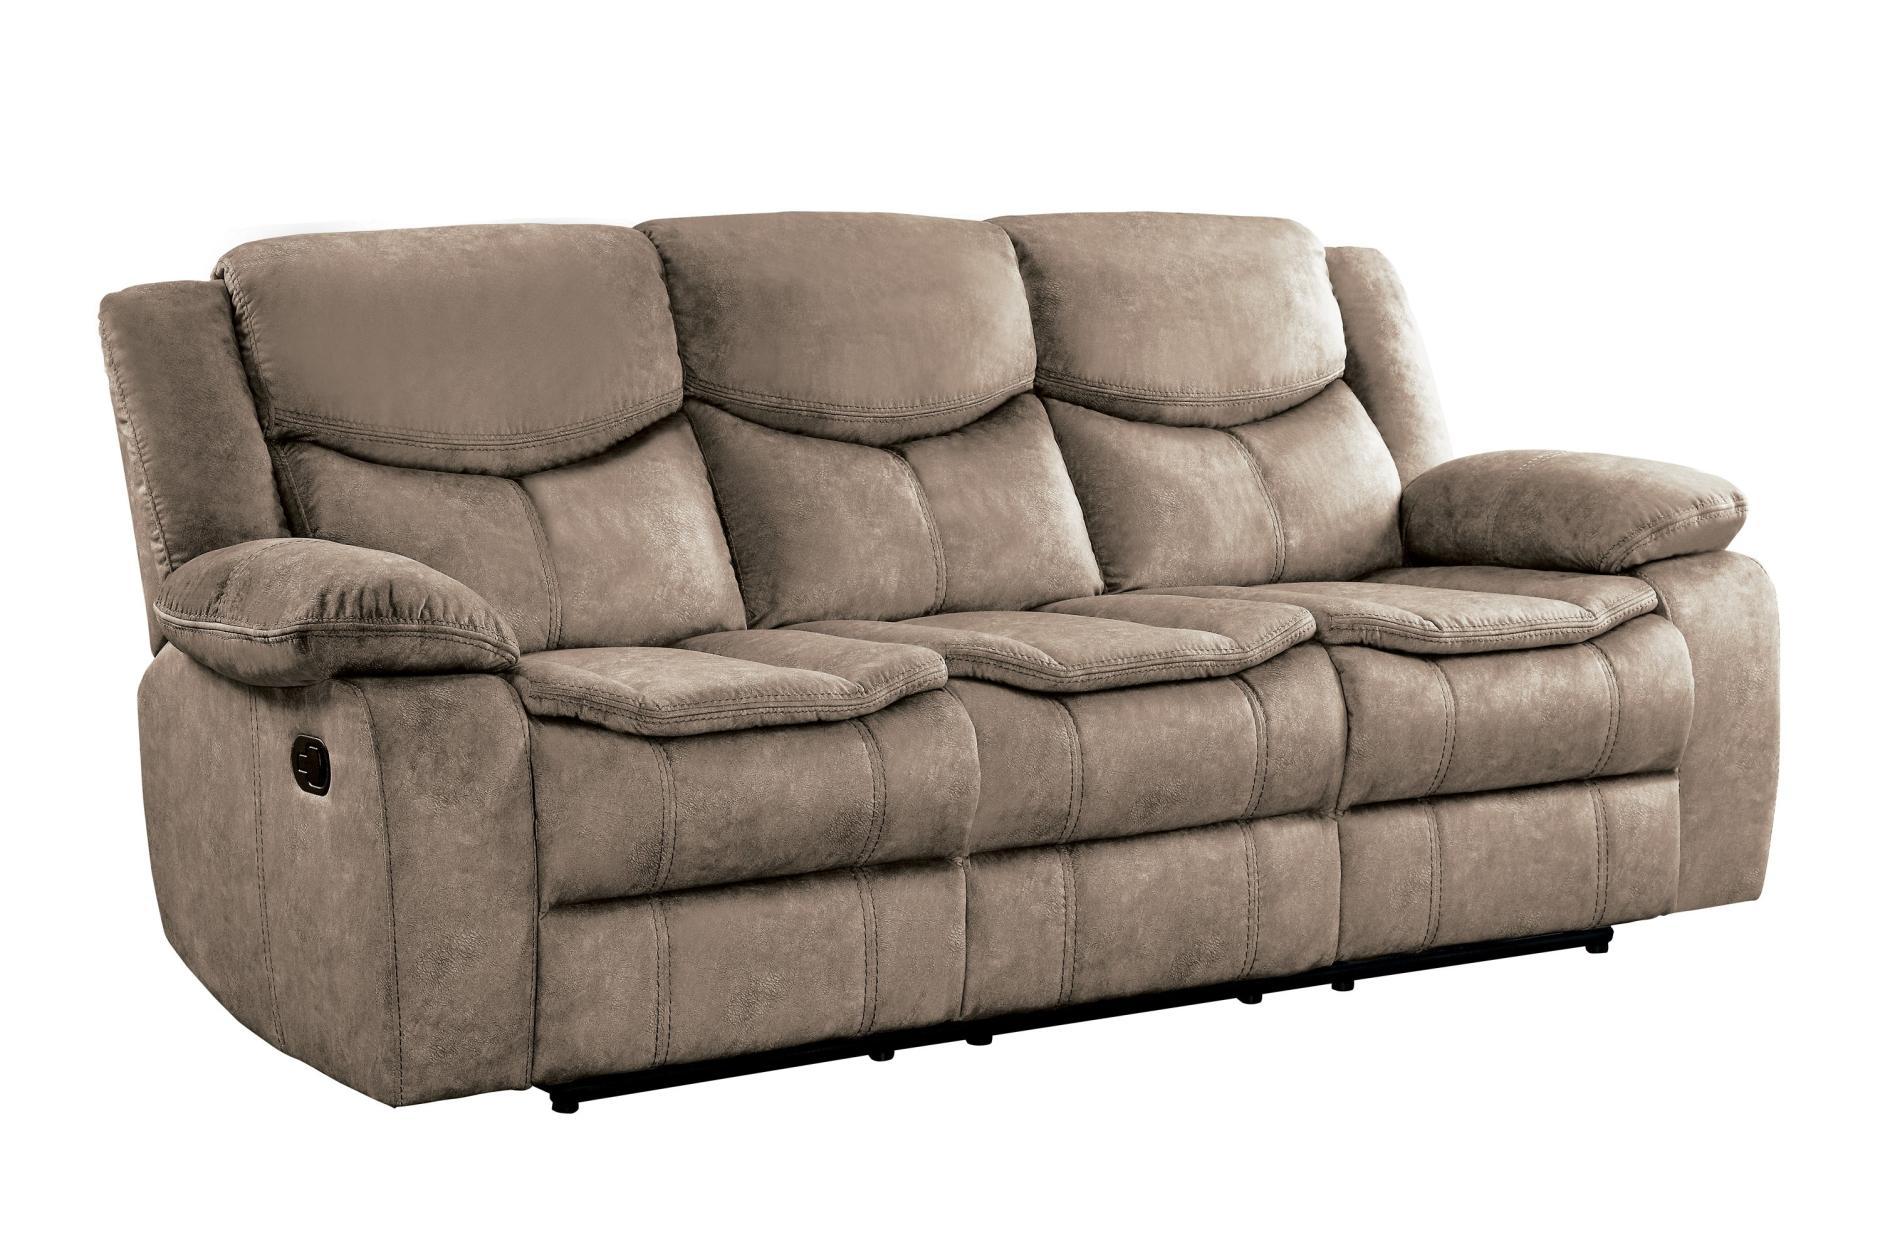 motion sofa definition blue color scheme homelegance